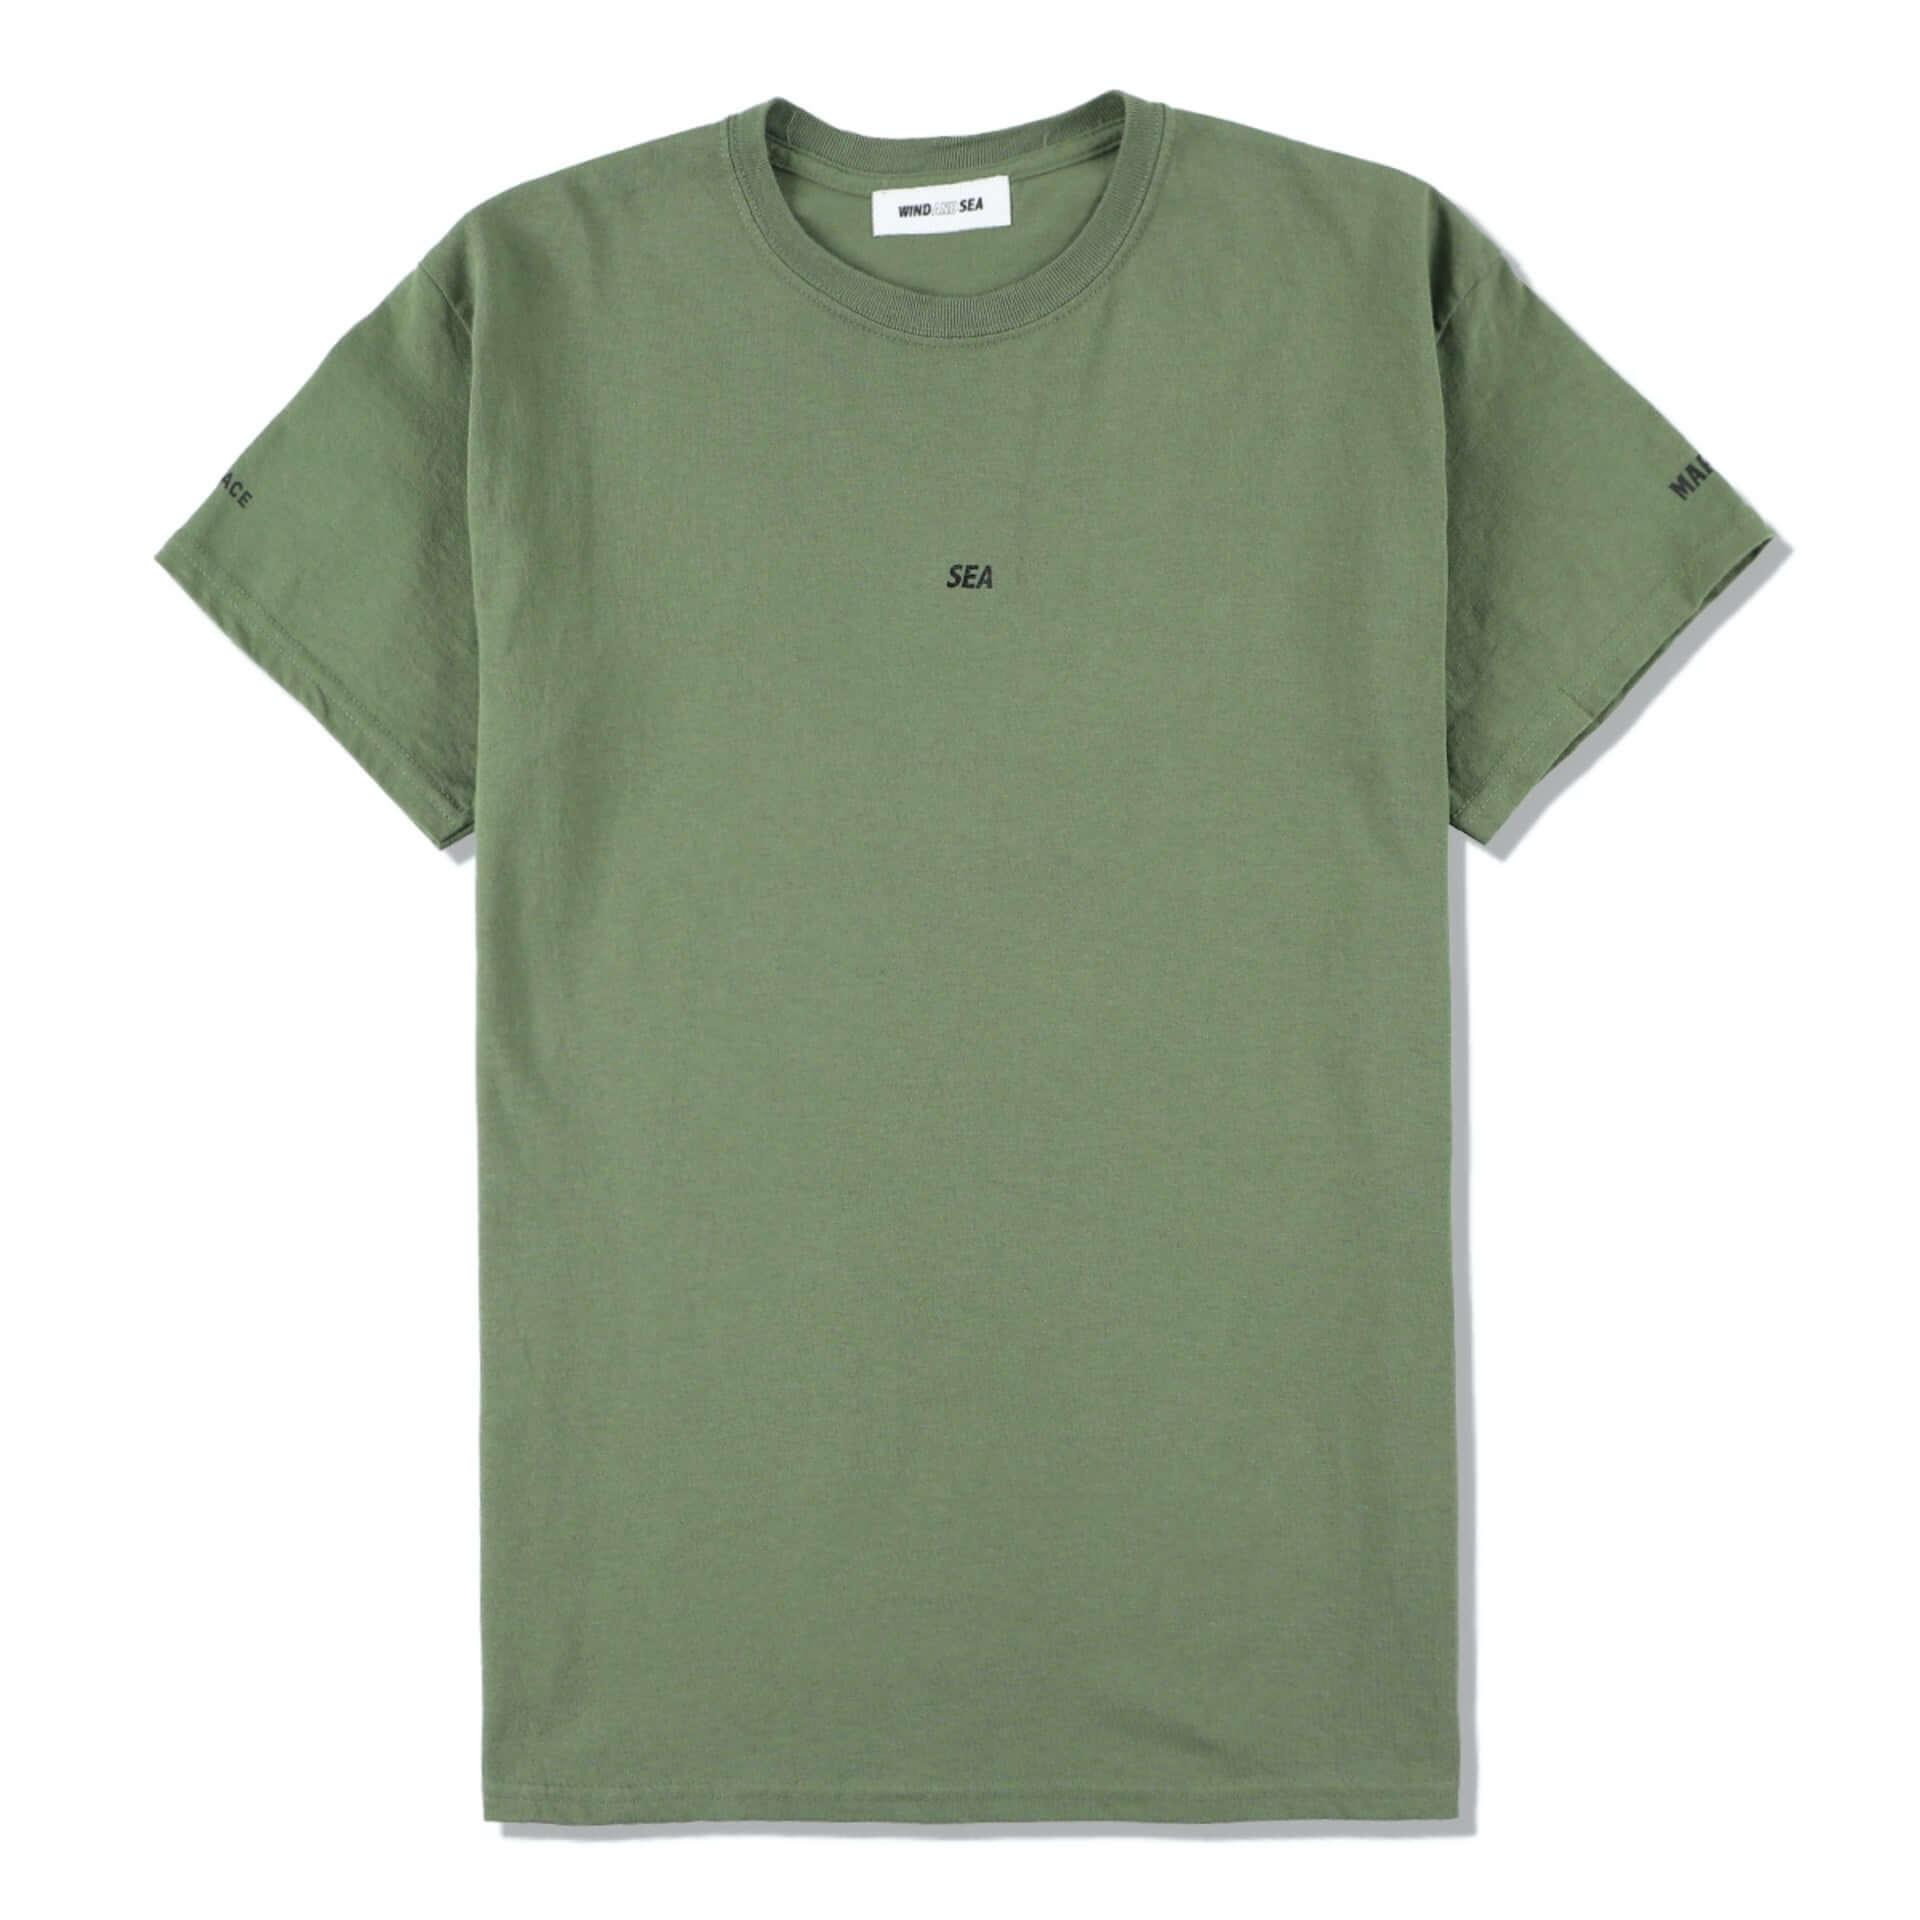 『左ききのエレン』特別篇に登場したMAROとWIND AND SEAのコラボアイテムが現実に!Tシャツとボトルセットが発売決定 lf210310_eren-maro-windandsea_11-1920x1920